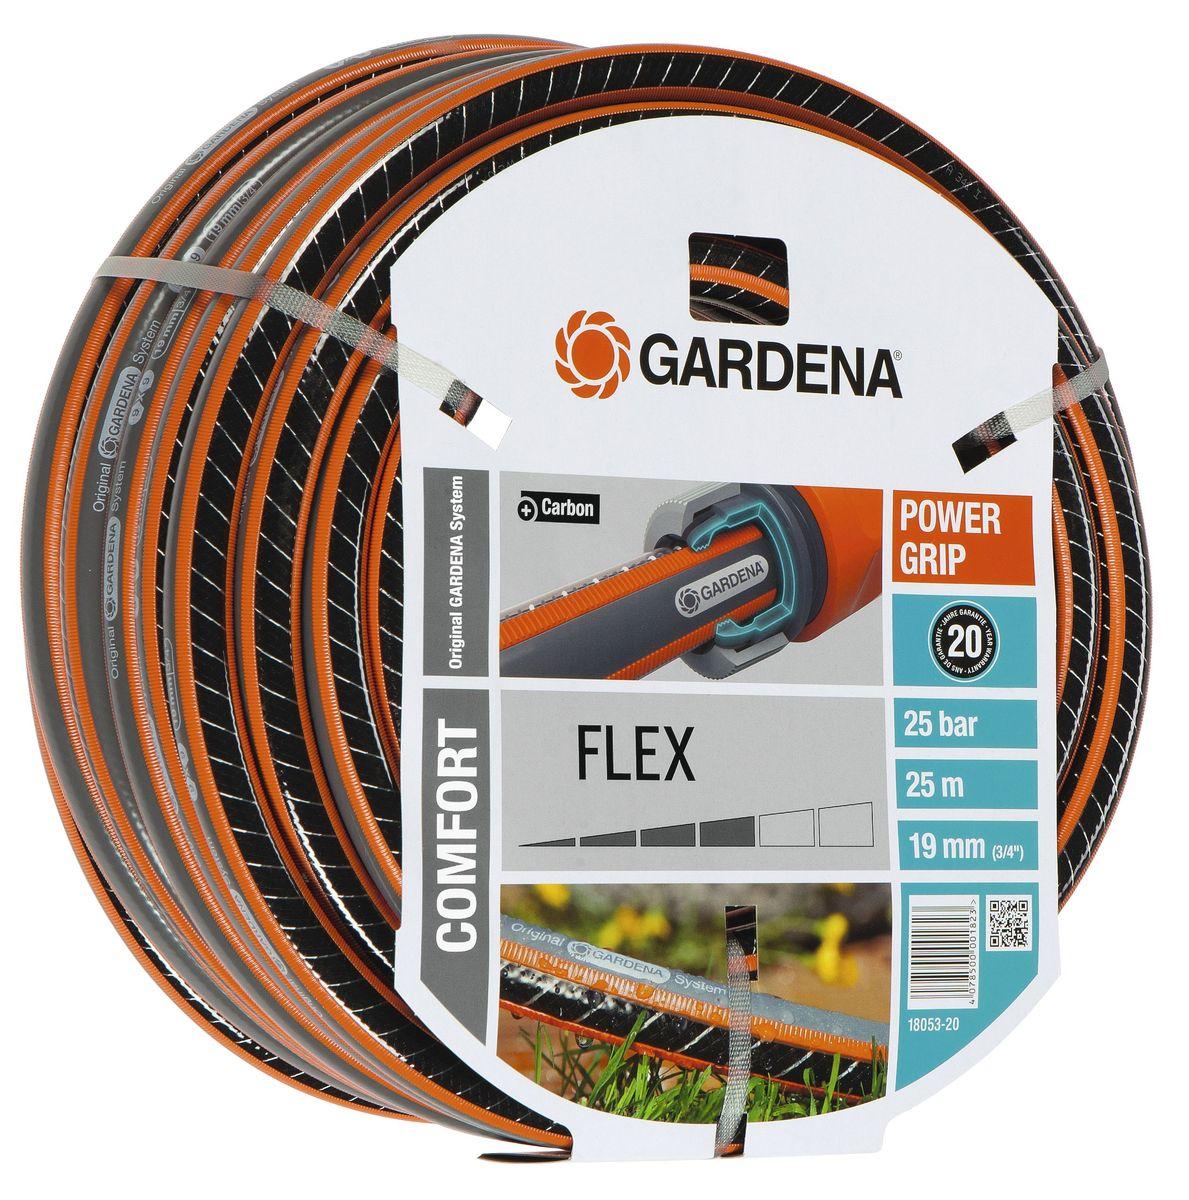 Шланг Flex 9x9 3/4 х 25 м Gardena18053-20.000.00С ребристым профилем Power Grip для идеального соединения с коннекторами Базовой системы полива. Устойчивость к высокому давлению и сохранение формы благодаря спиралевидному текстильному армированию, усиленному углеродом. Не перегибается, не спутывается.